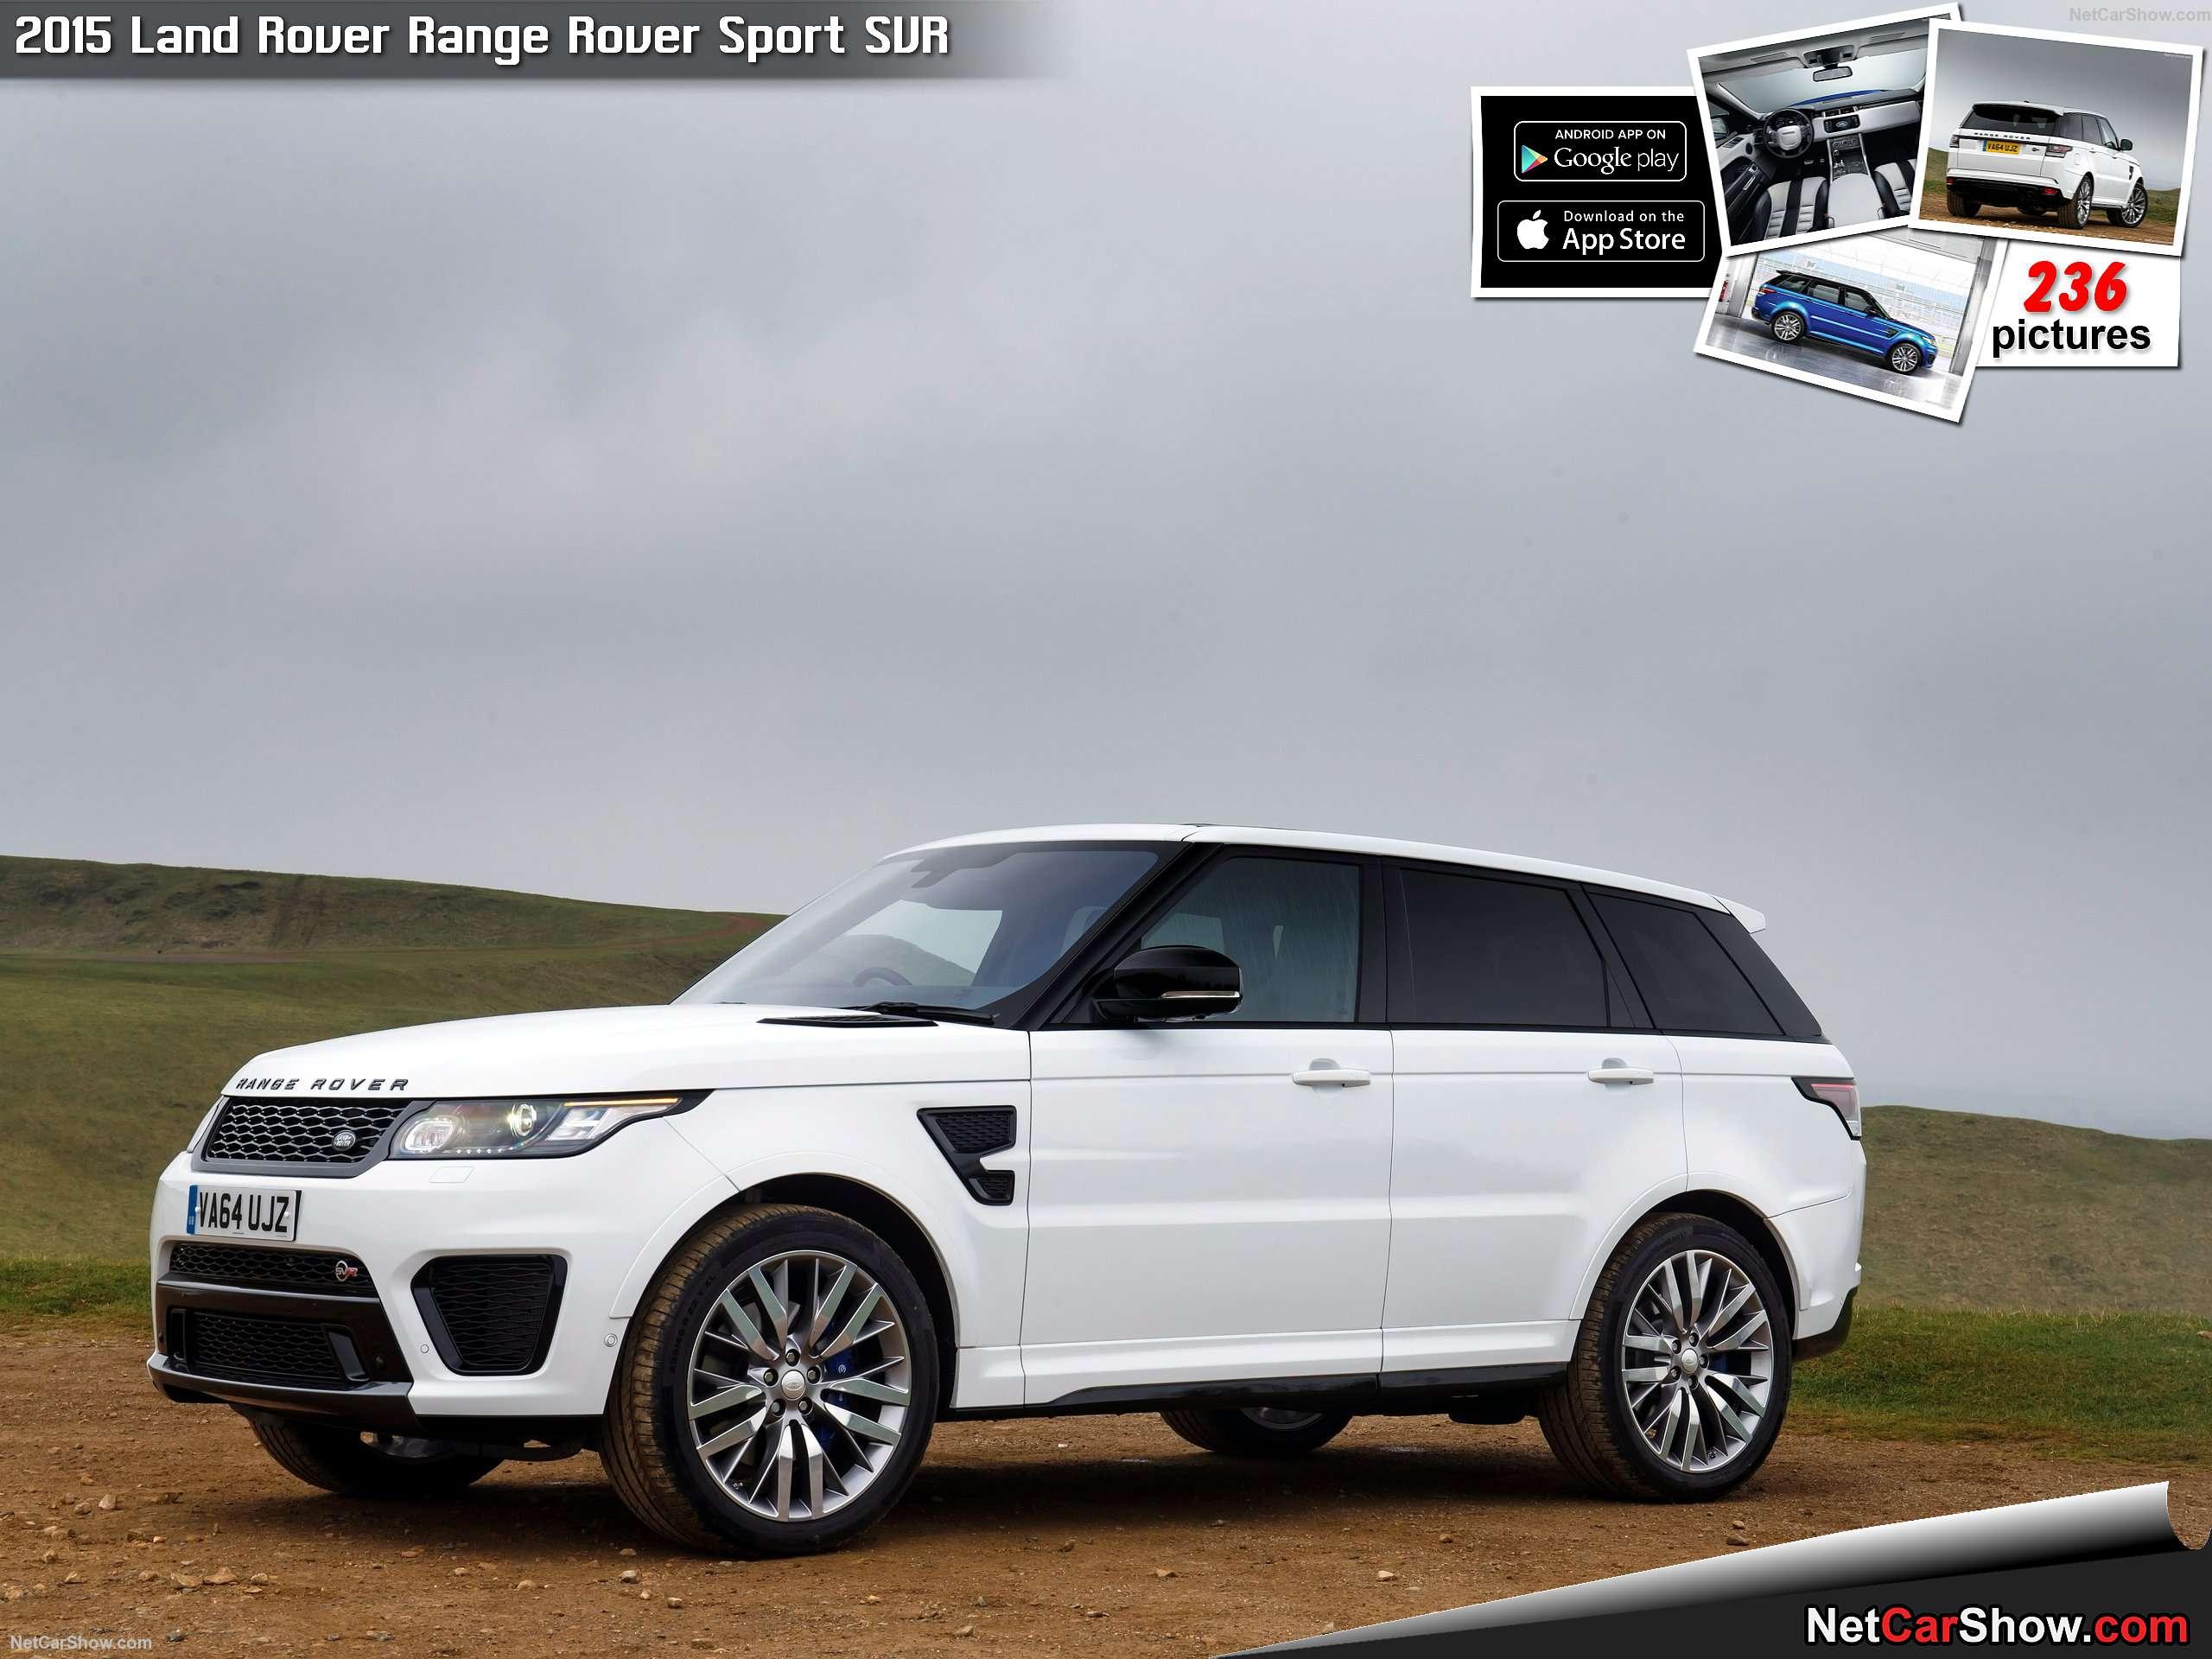 2016 Ford Escape Review >> Comparison - Ford Escape 2016 - vs - Land Rover Range Rover Sport SUV 2015 | SUV Drive